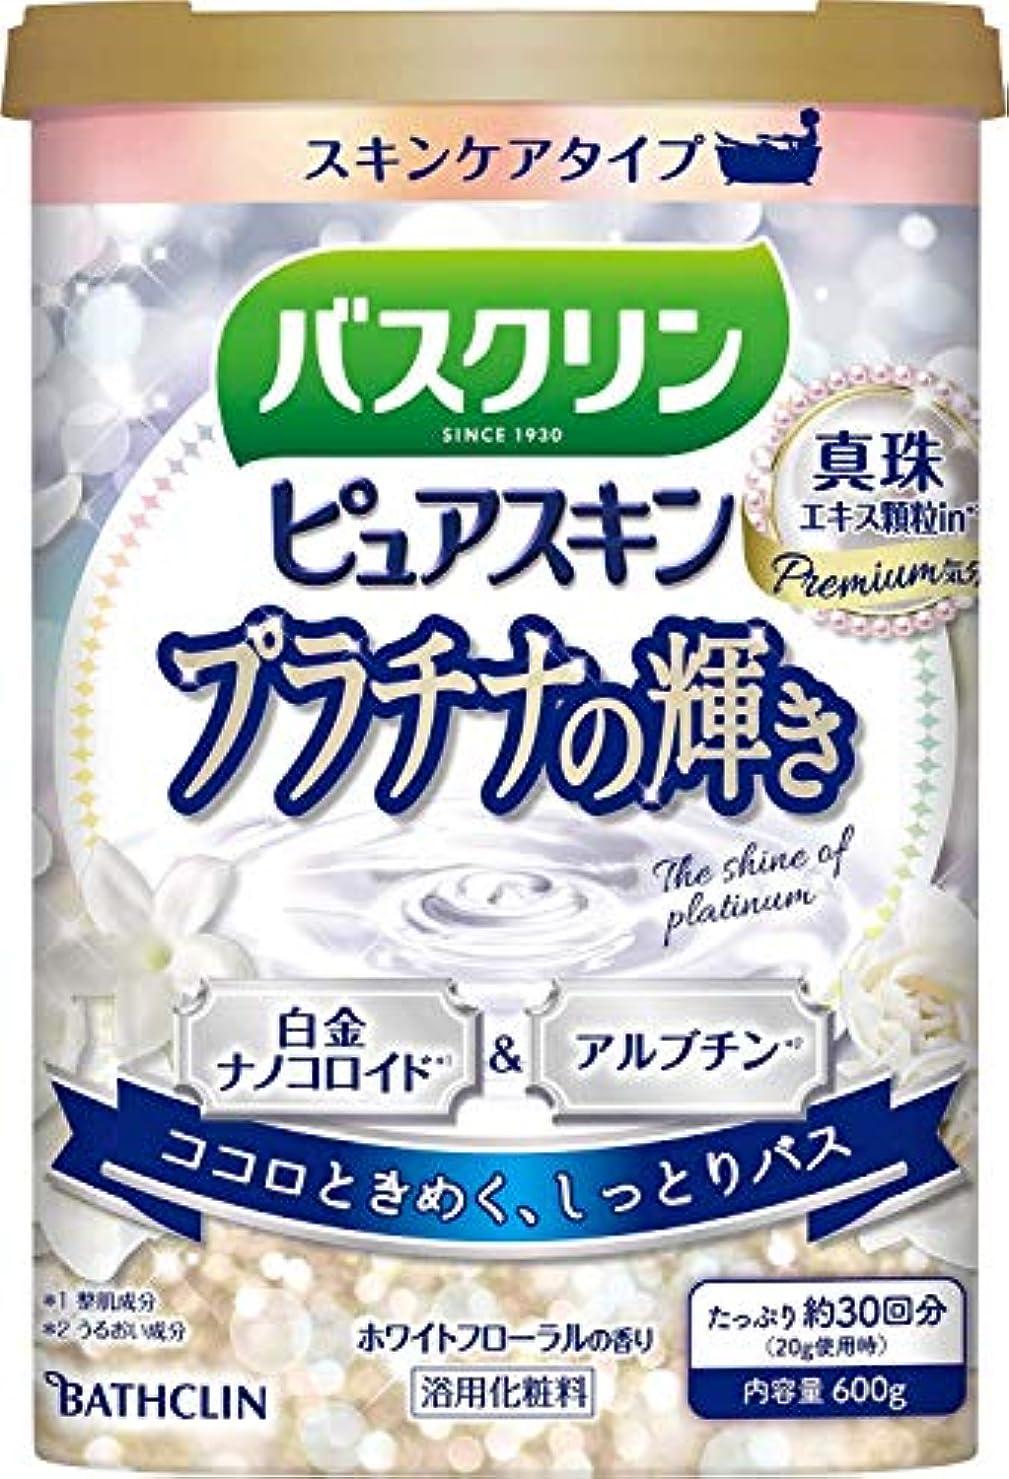 バリケードようこそ通知バスクリンピュアスキンプラチナの輝き600g入浴剤(約30回分)